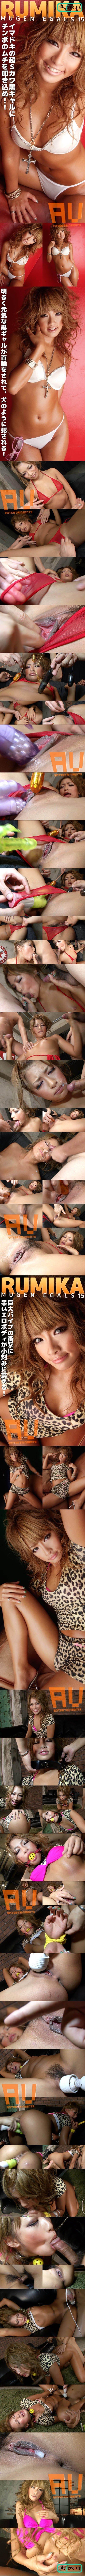 [MW 13] Egals Vol. 15 : RUMIKA Rumika mw